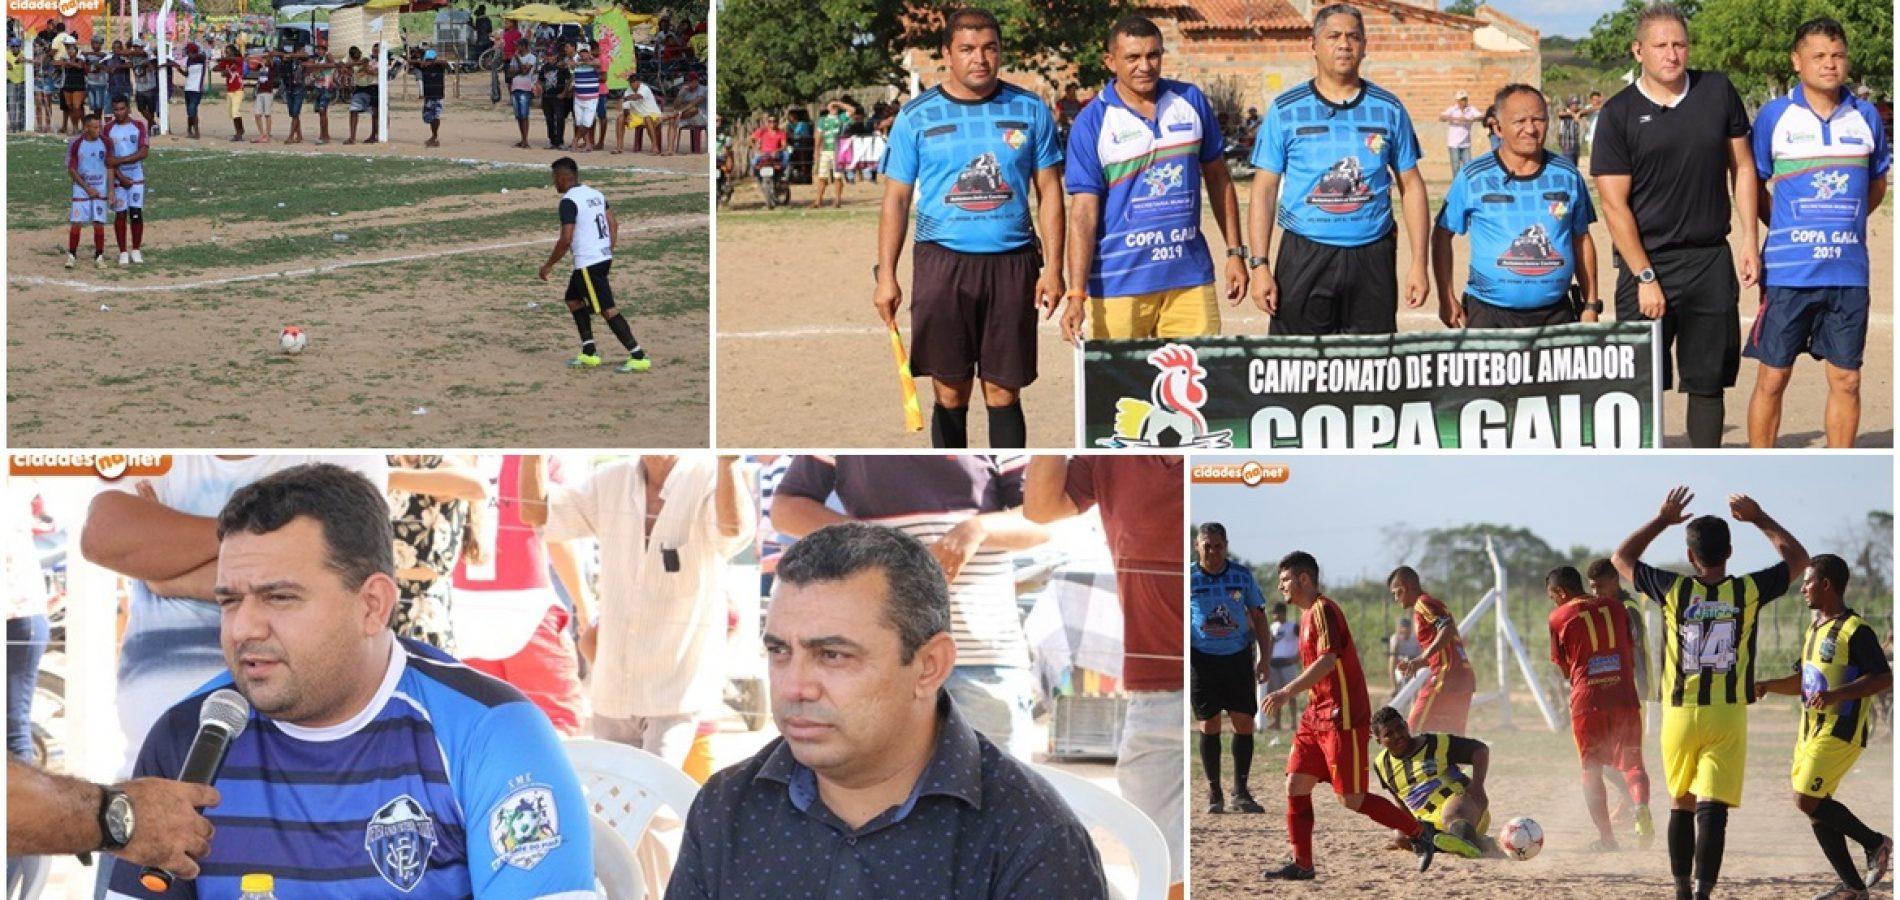 JAICÓS | Veja os resultados da segunda rodada da Copa Galo